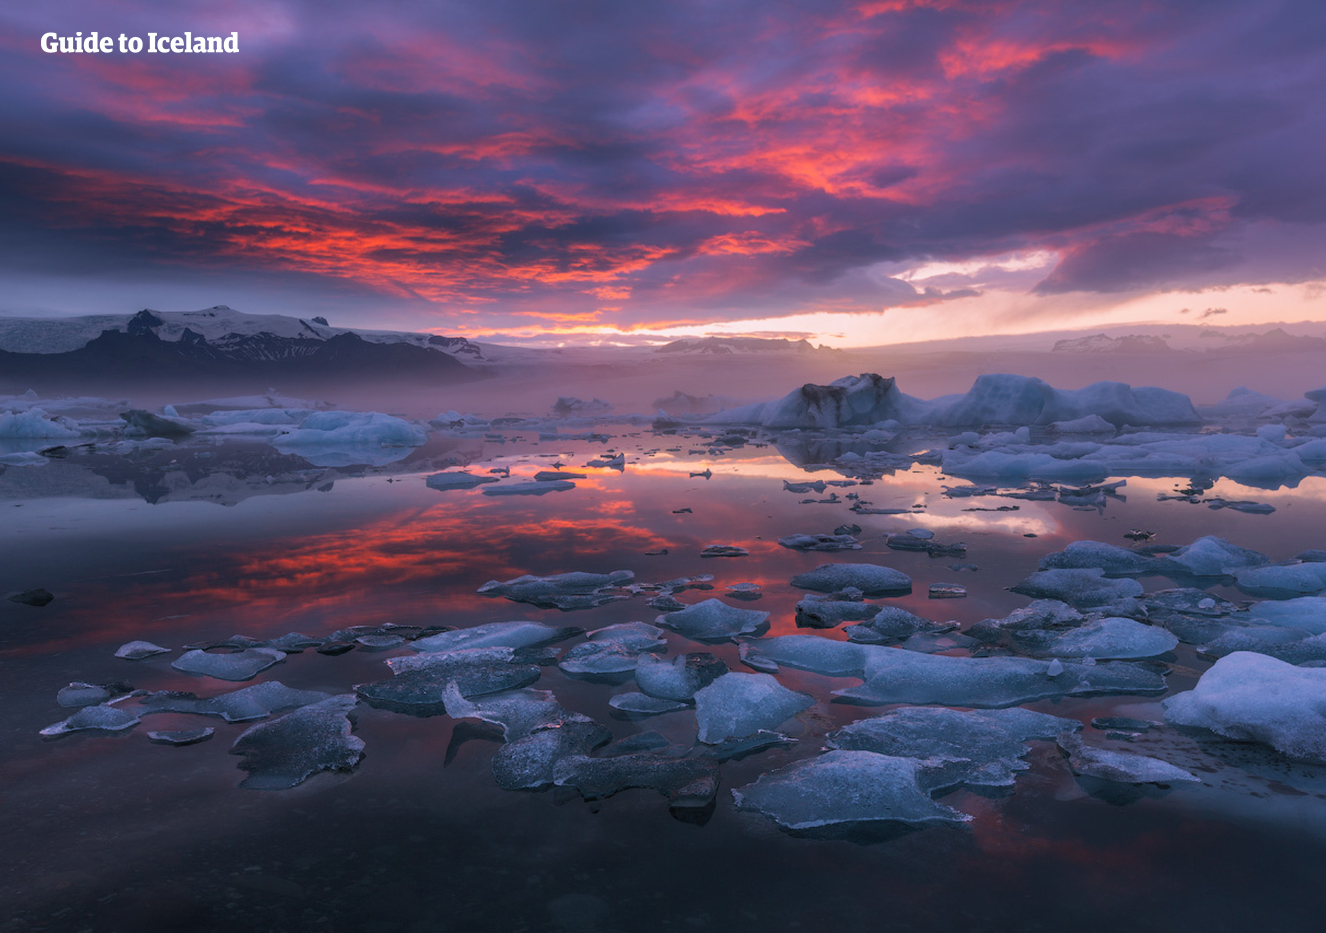 塞里亚兰瀑布是冰岛南岸最受欢迎的旅游景点之一